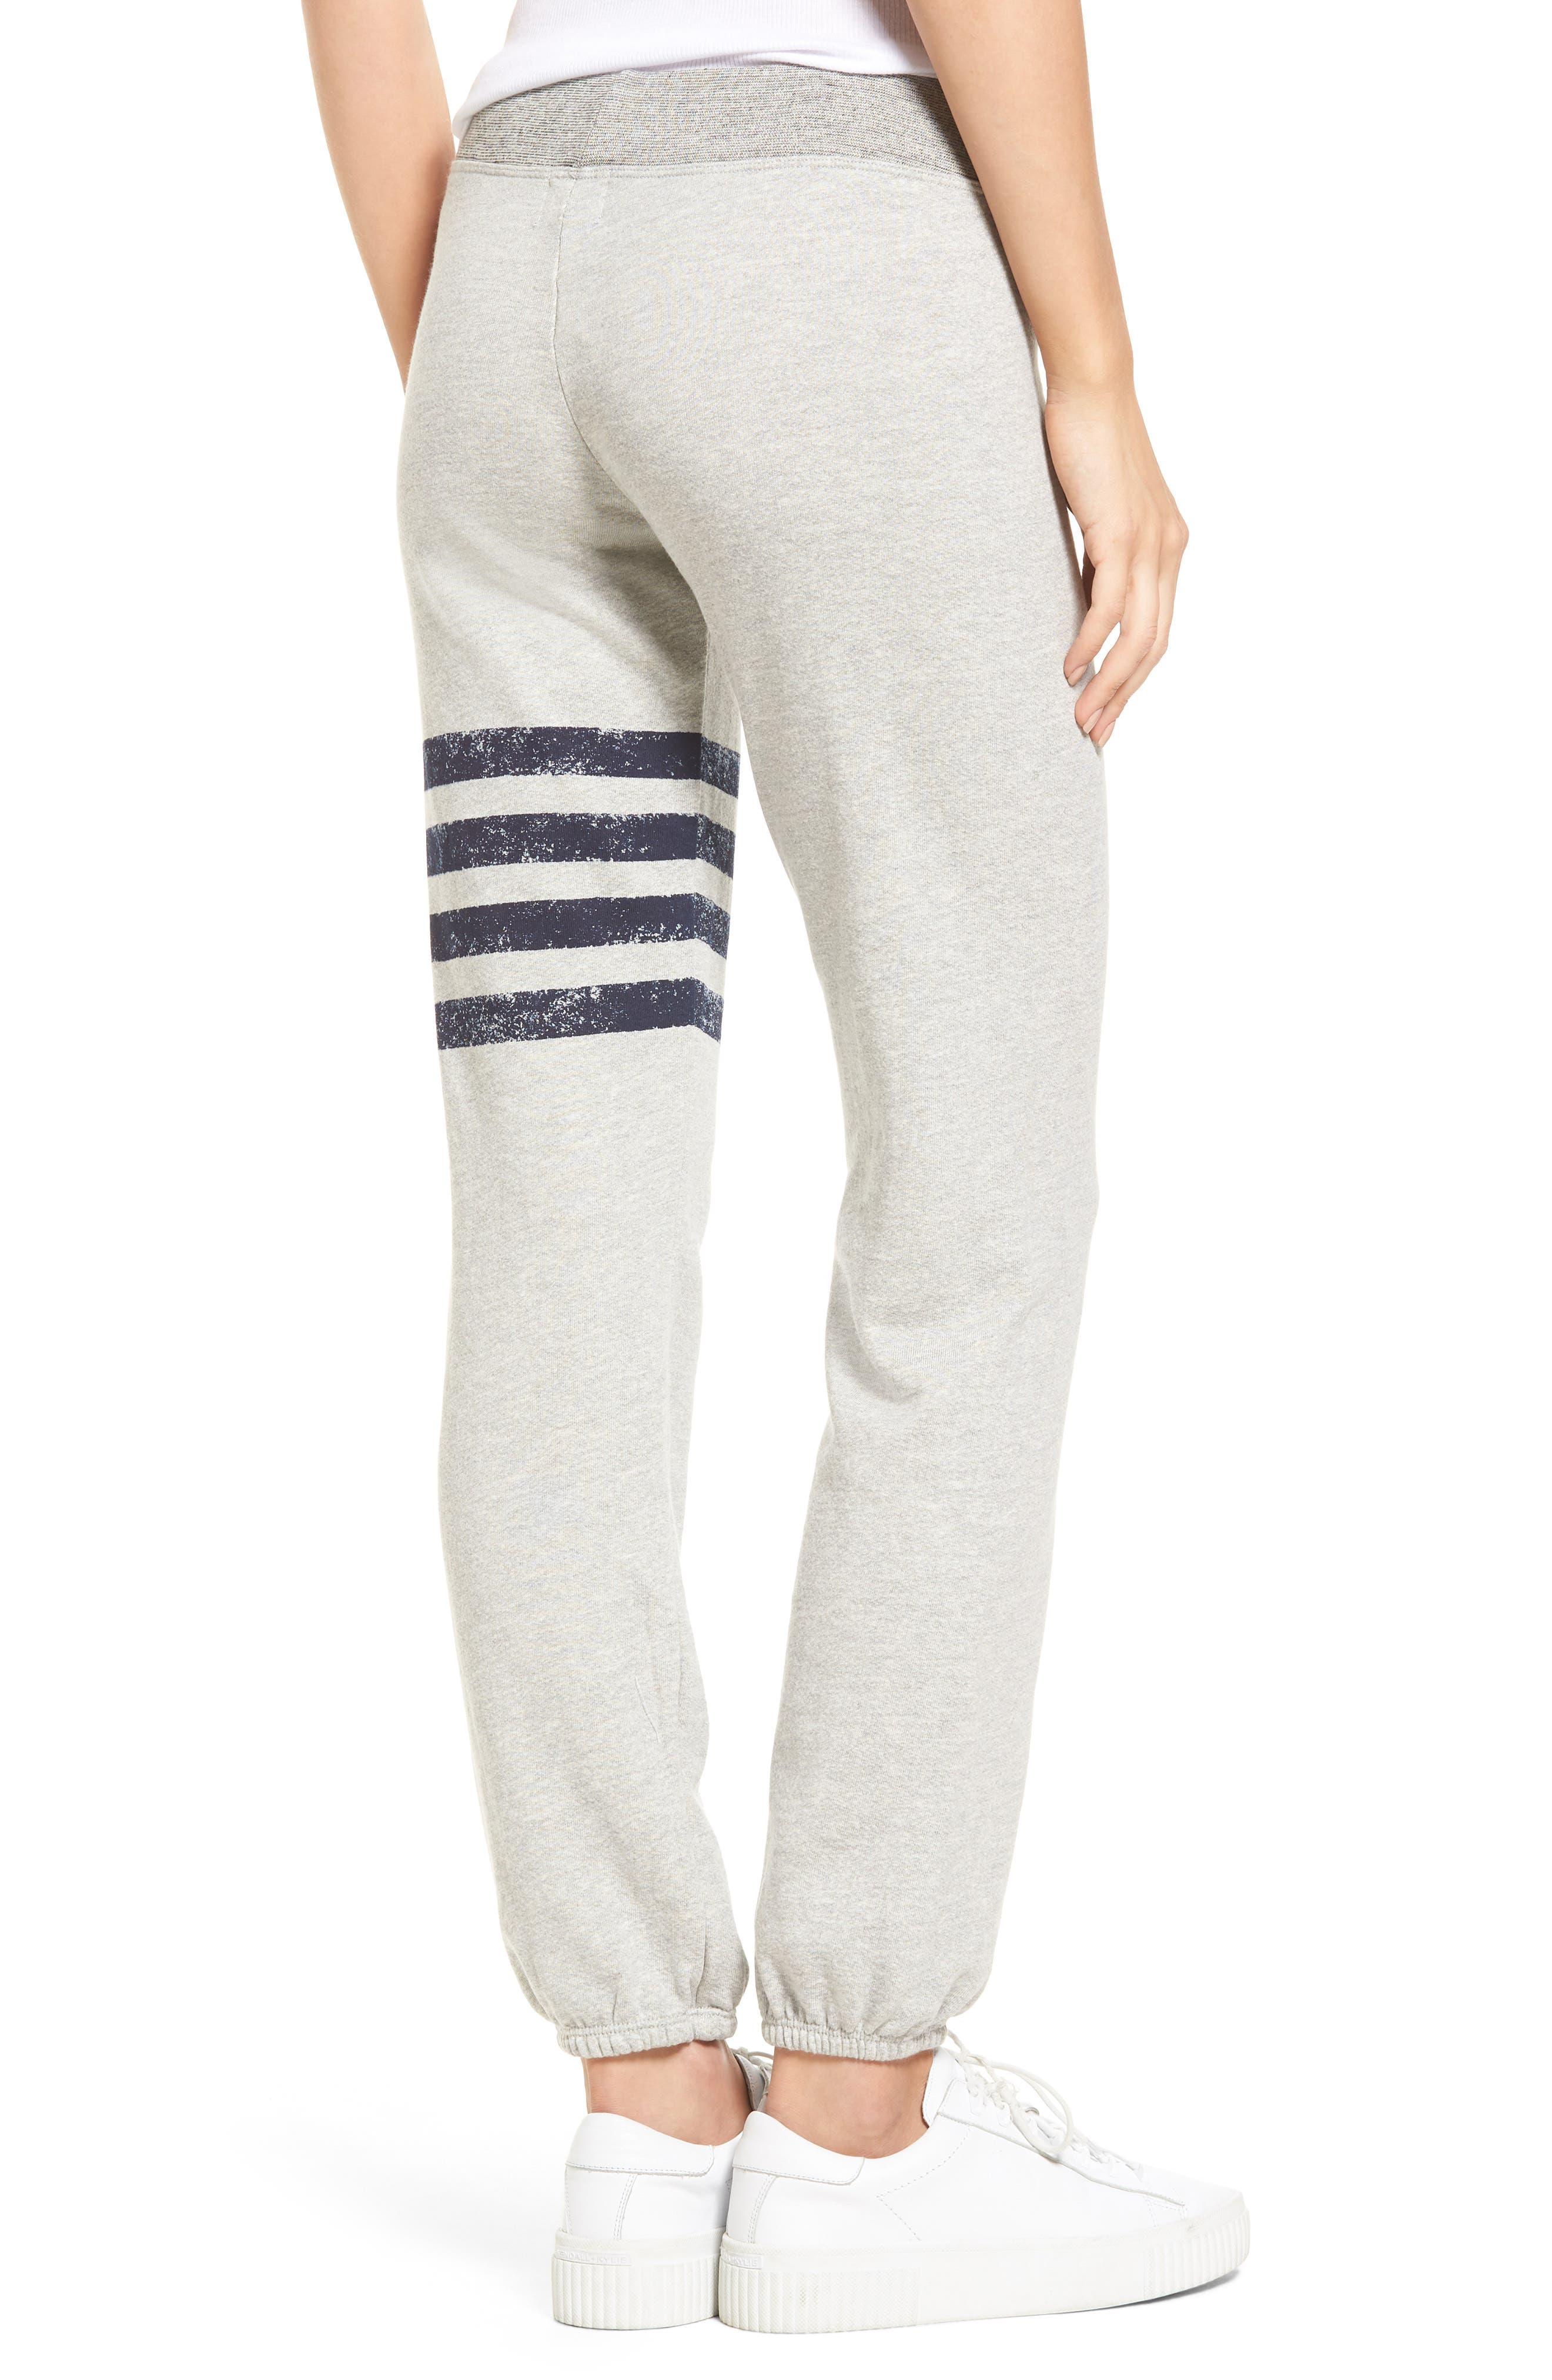 Stripe Yoga Pants,                             Alternate thumbnail 2, color,                             Soft Black